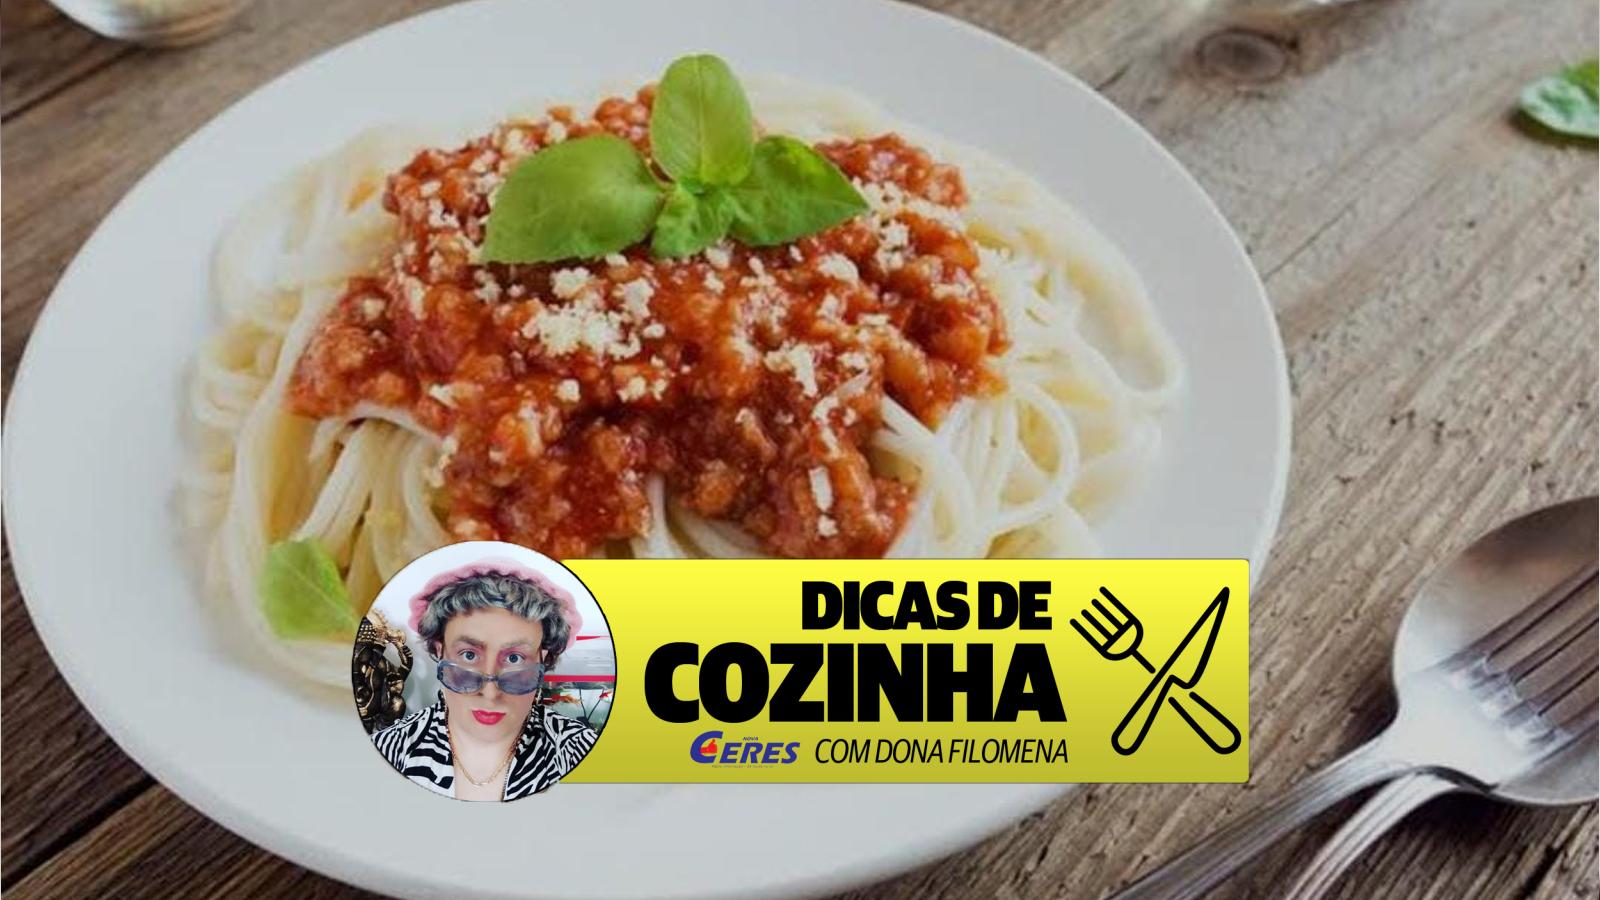 Dicas de Cozinha 28/04: Macarronada ao molho de tomate, bacon e manjericão